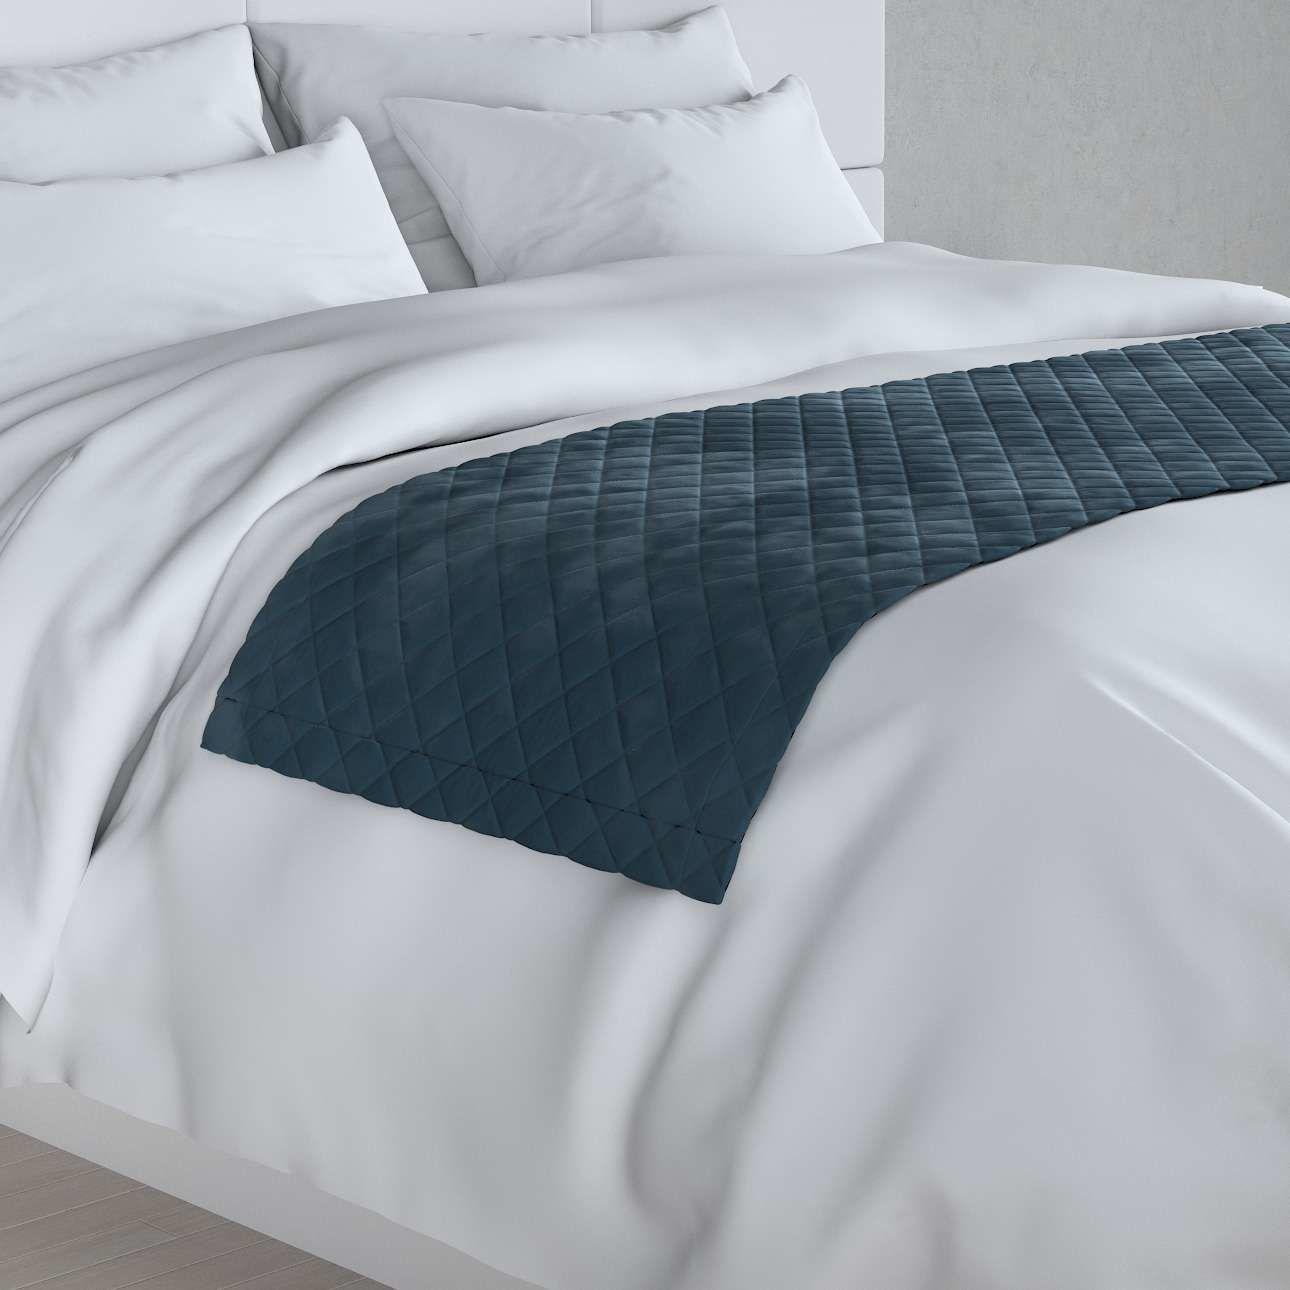 Narzuta hotelowa bieżnik Velvet 60x200cm, pruski błękit, 60 x 200 cm, Velvet